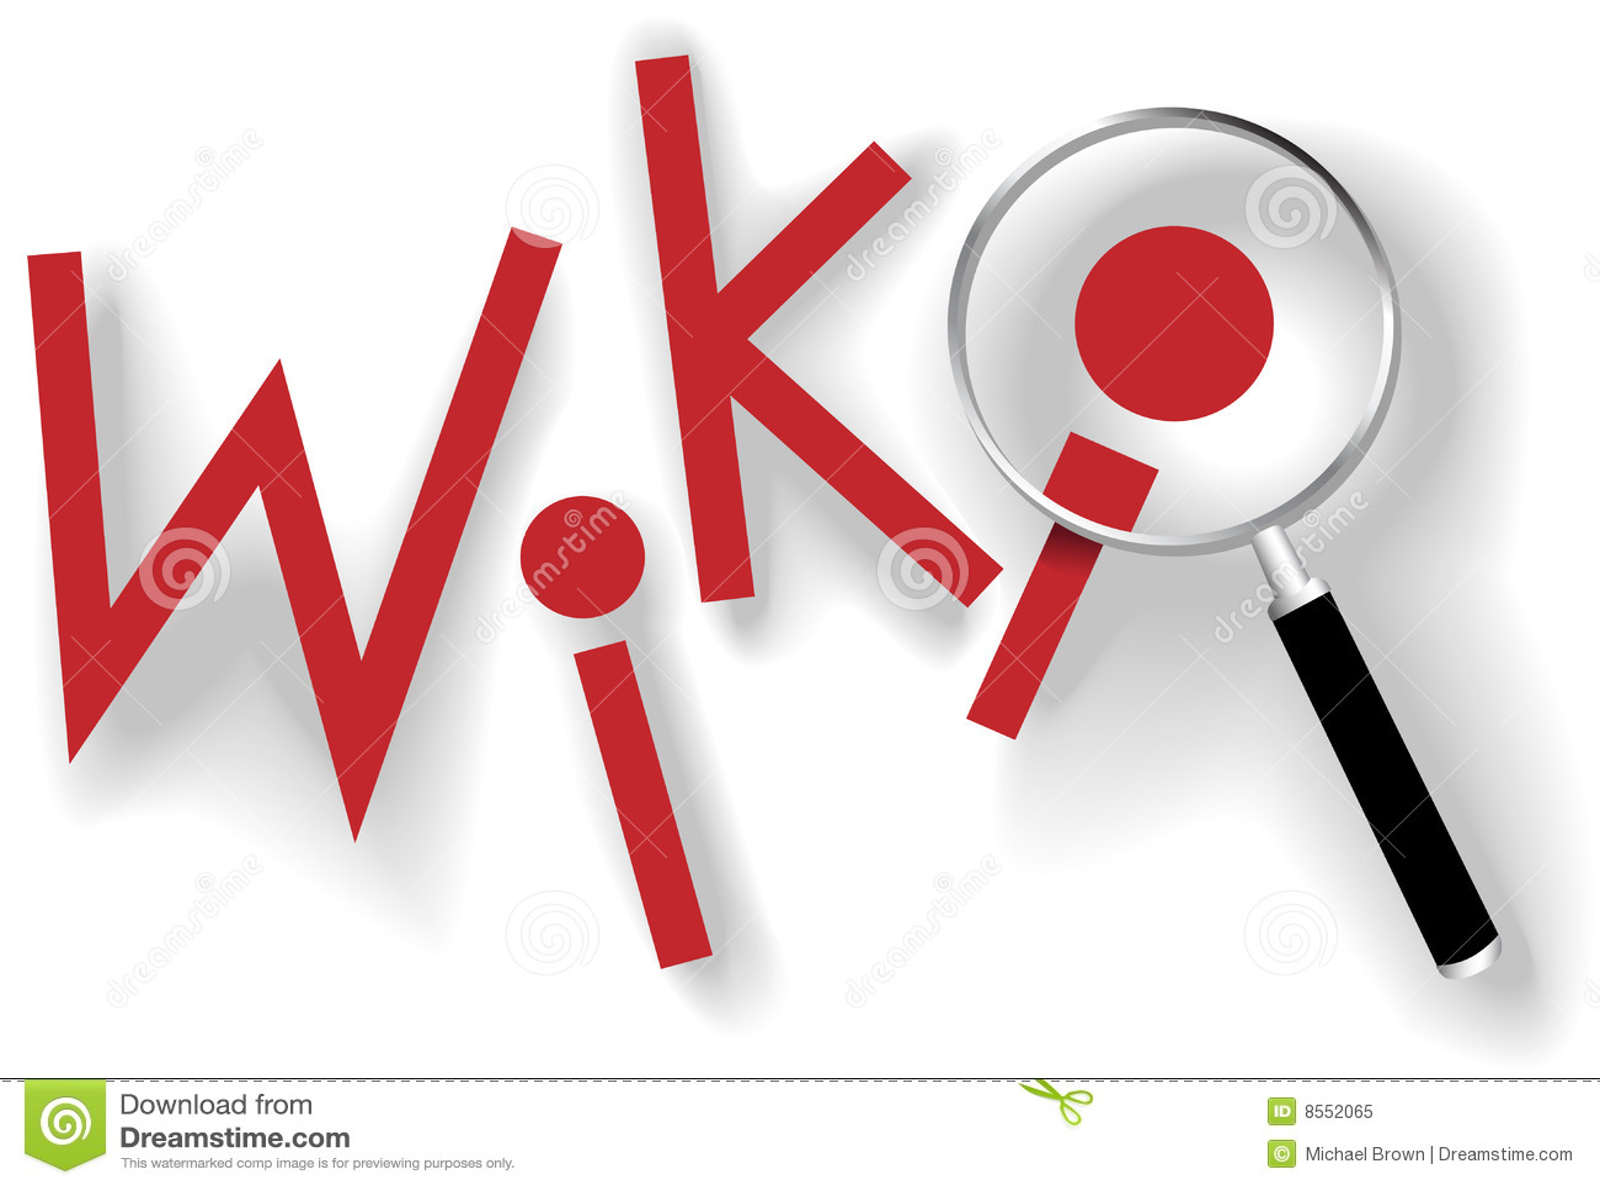 Wiki find information